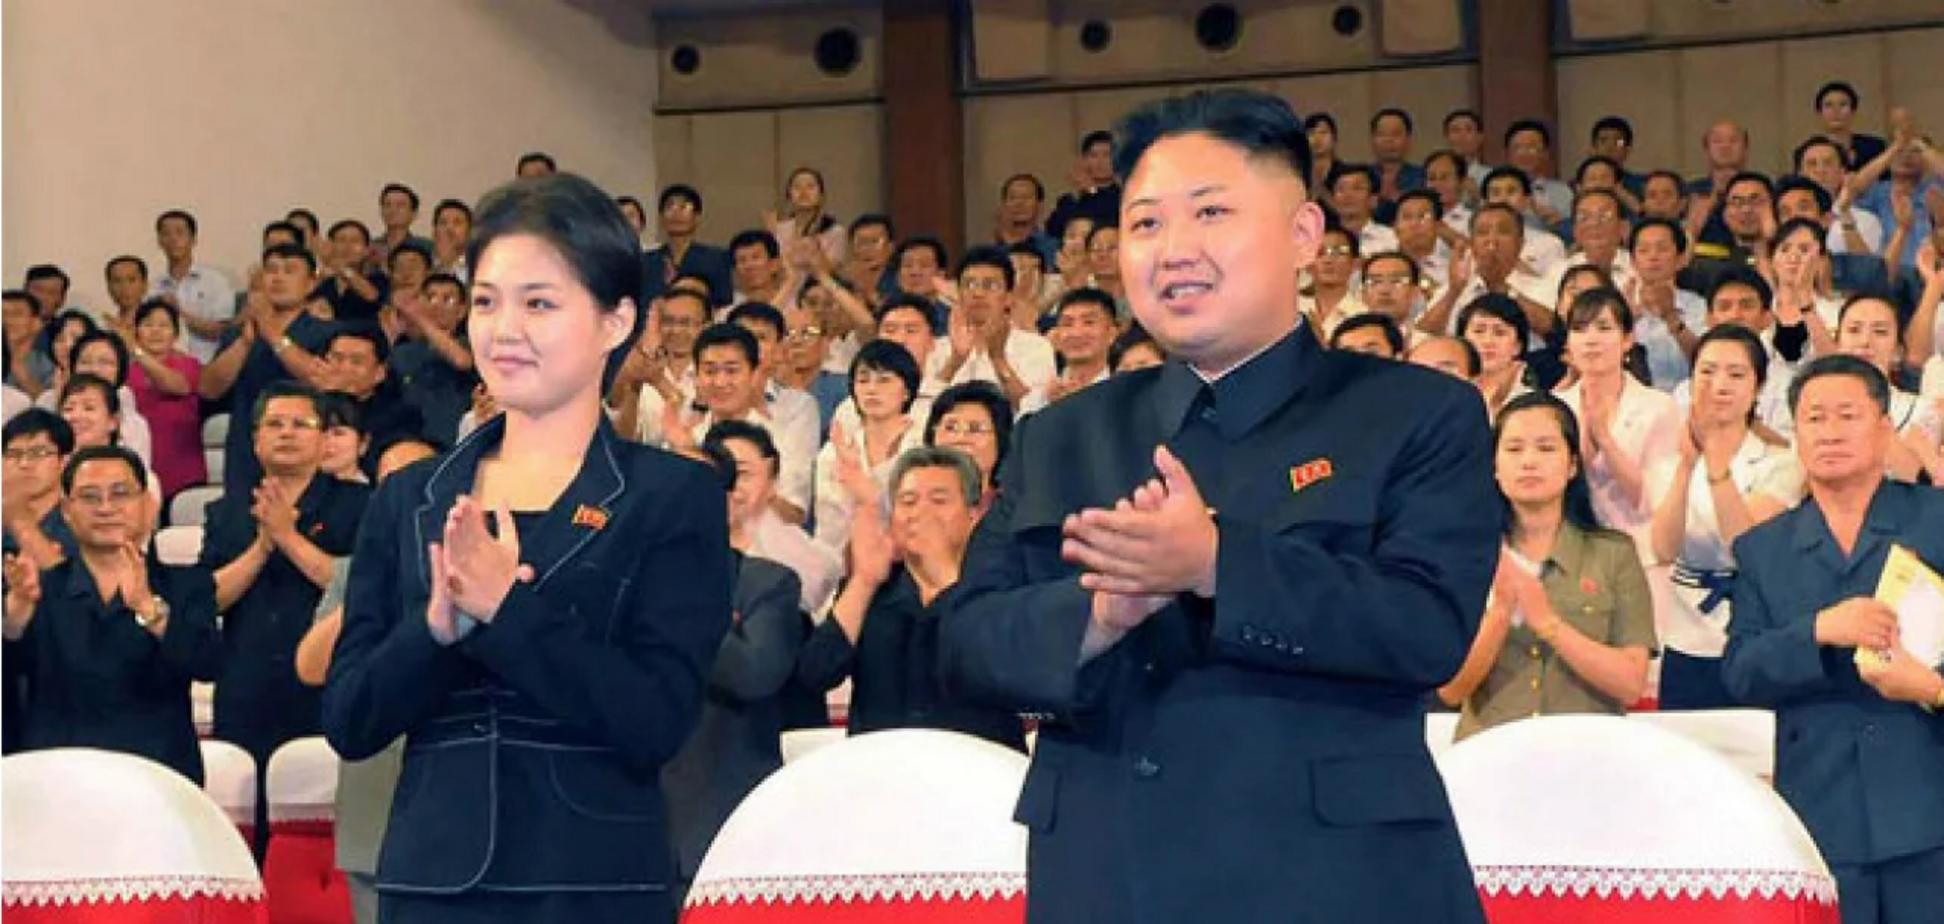 Ли Соль Чжу часто сопровождает мужа на публике